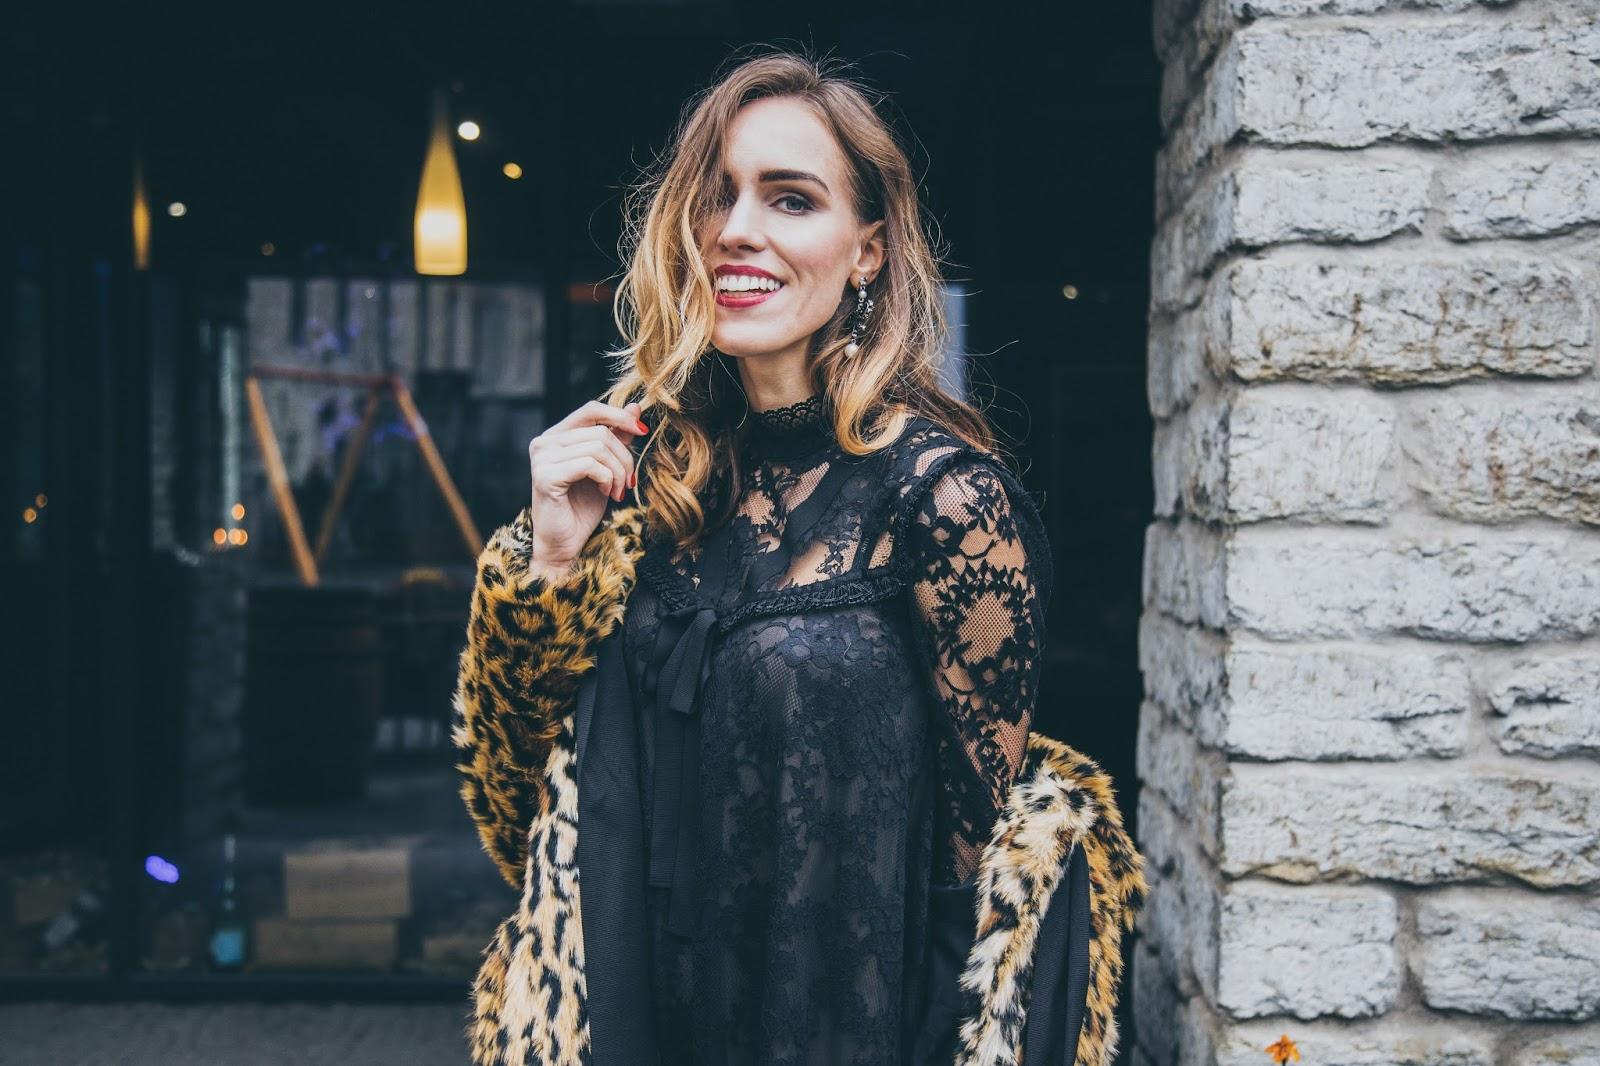 erdem x hm collaboration collection black lace dress outfit